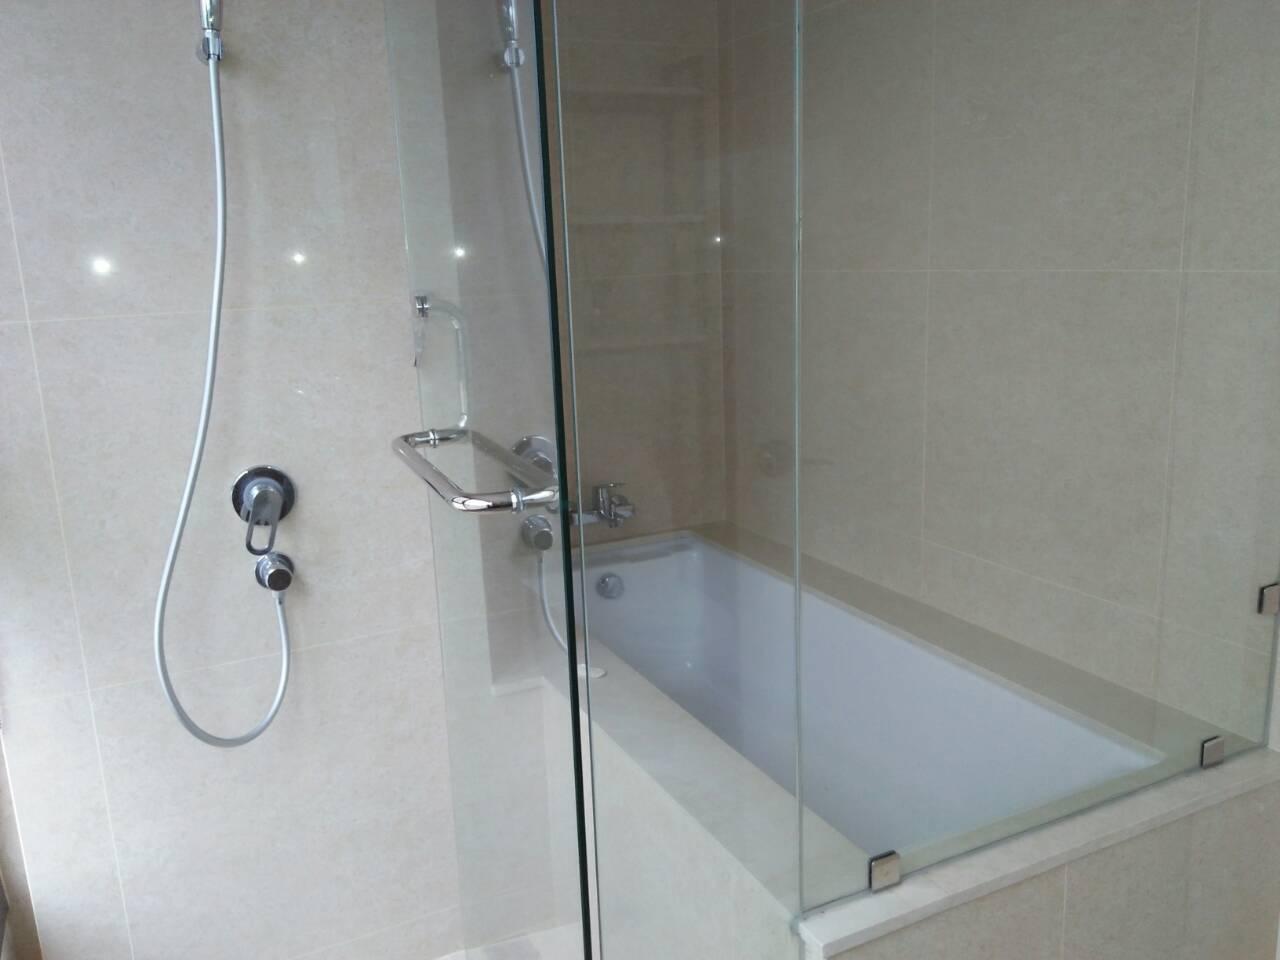 2 Bedrooms Condo, Shang Salcedo Place Bathroom View 3